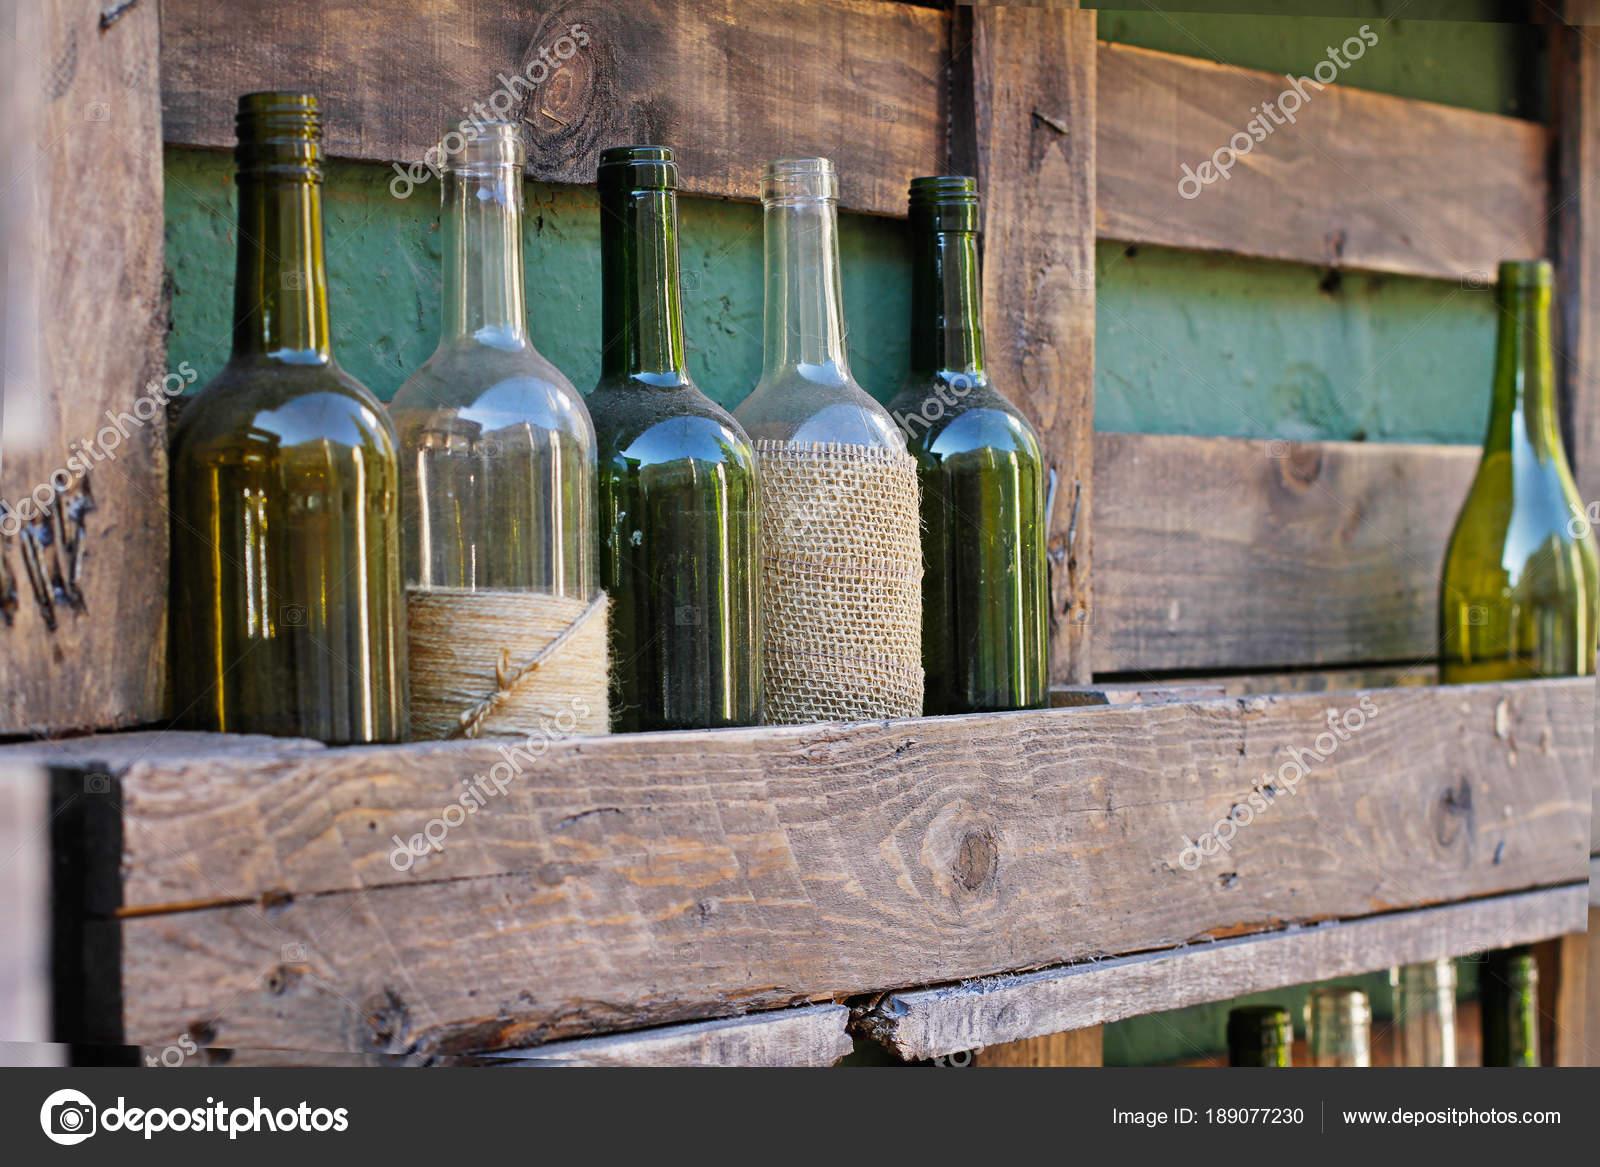 Botellas Vidrio Decoracion Con Guita Cajas Madera Fotos De Stock - Vidrio-decoracion